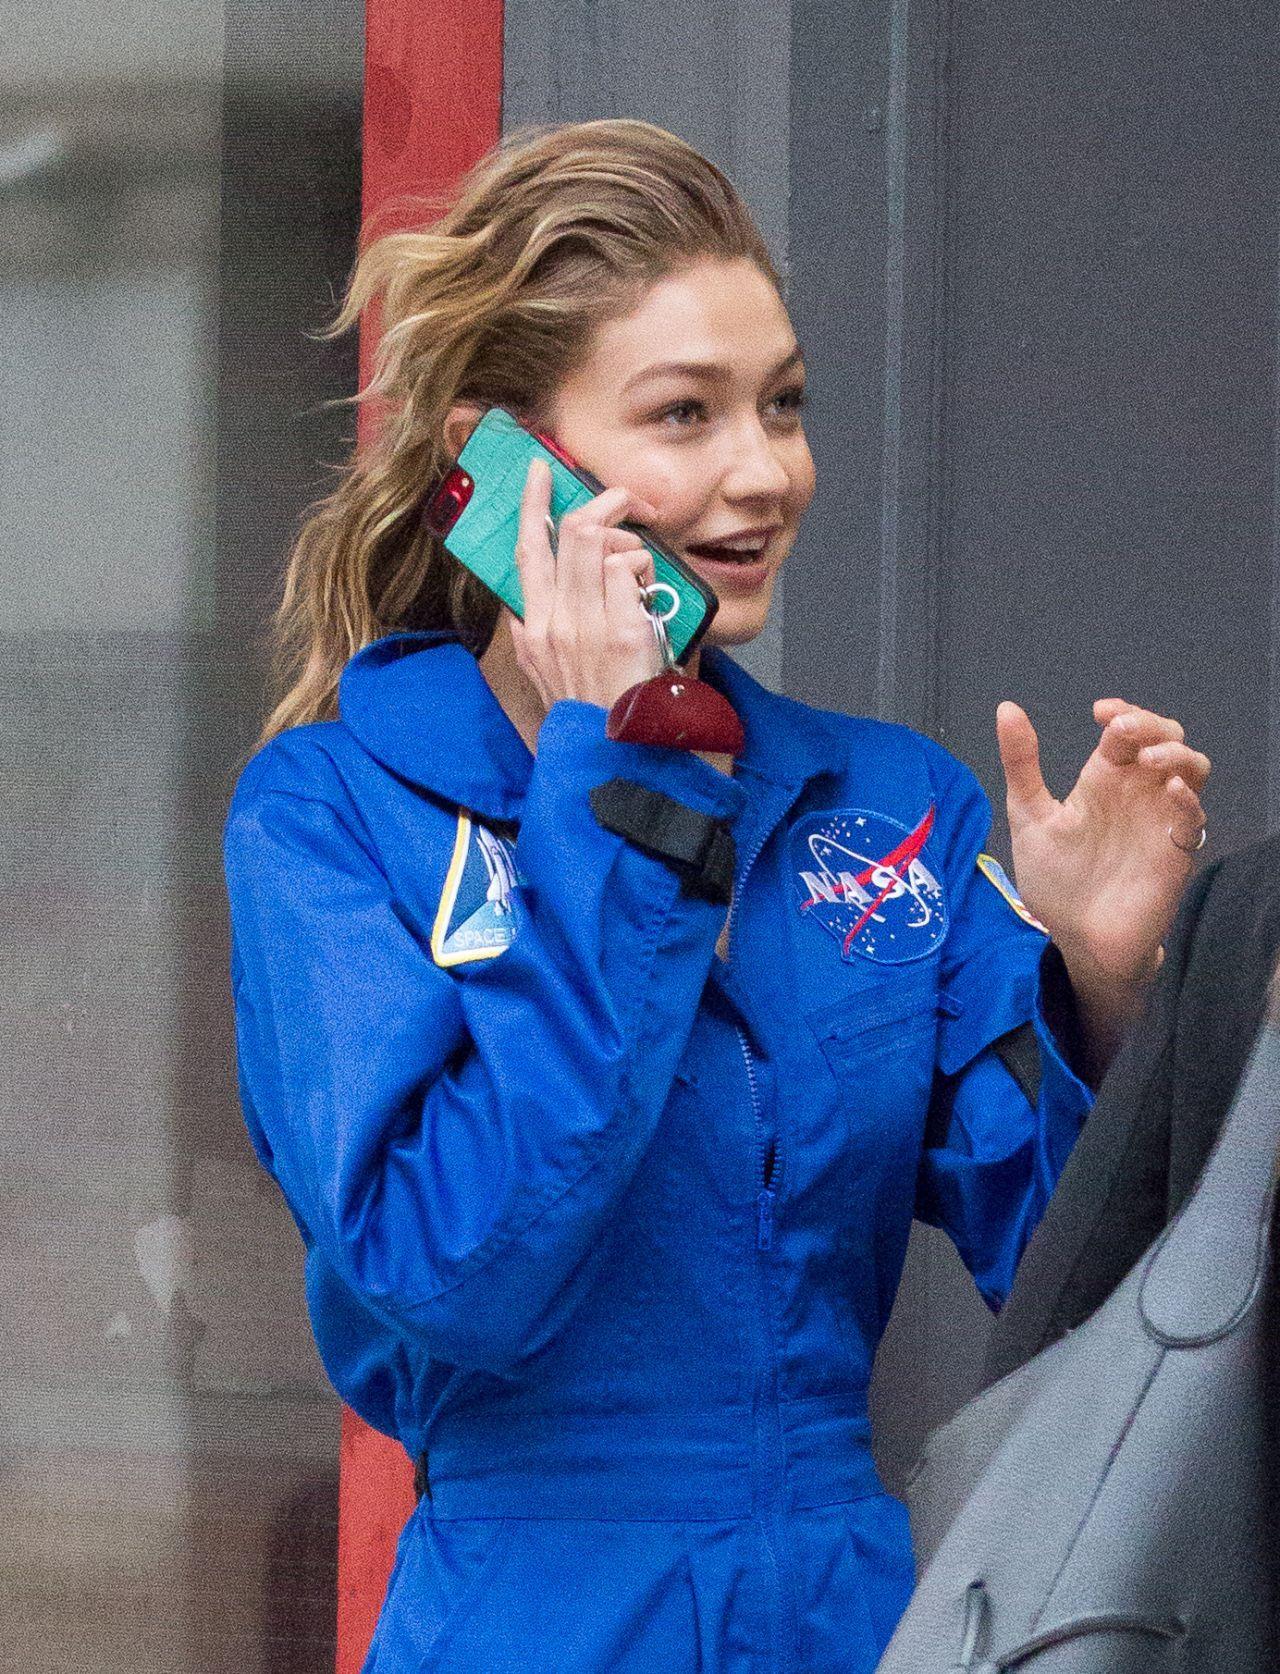 813bf3019c52 Gigi Hadid  GigiHadid in a Blue NASA Jumpsuit NYC 25 10 2017 http